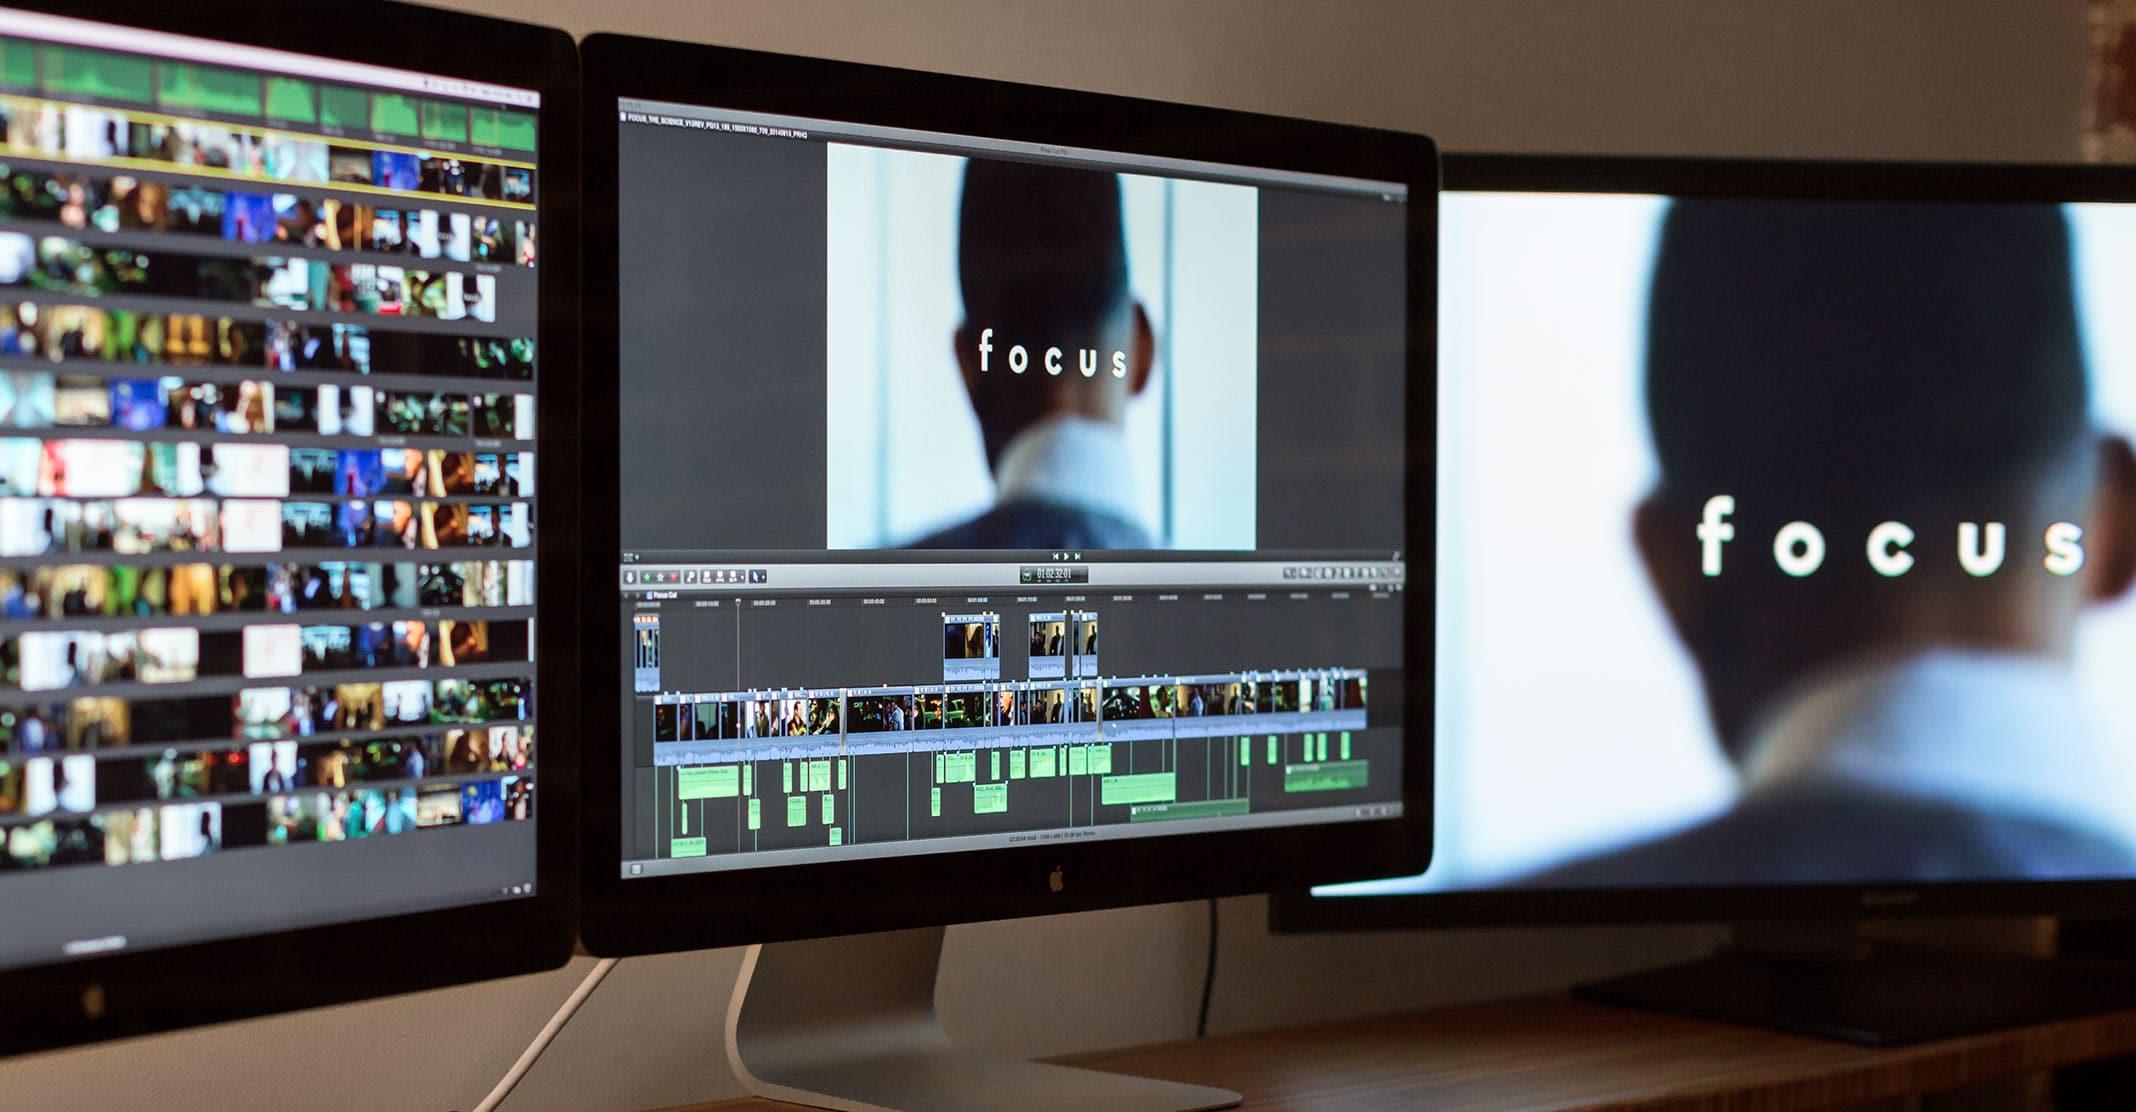 Filme Focus editado no Final Cut Pro X